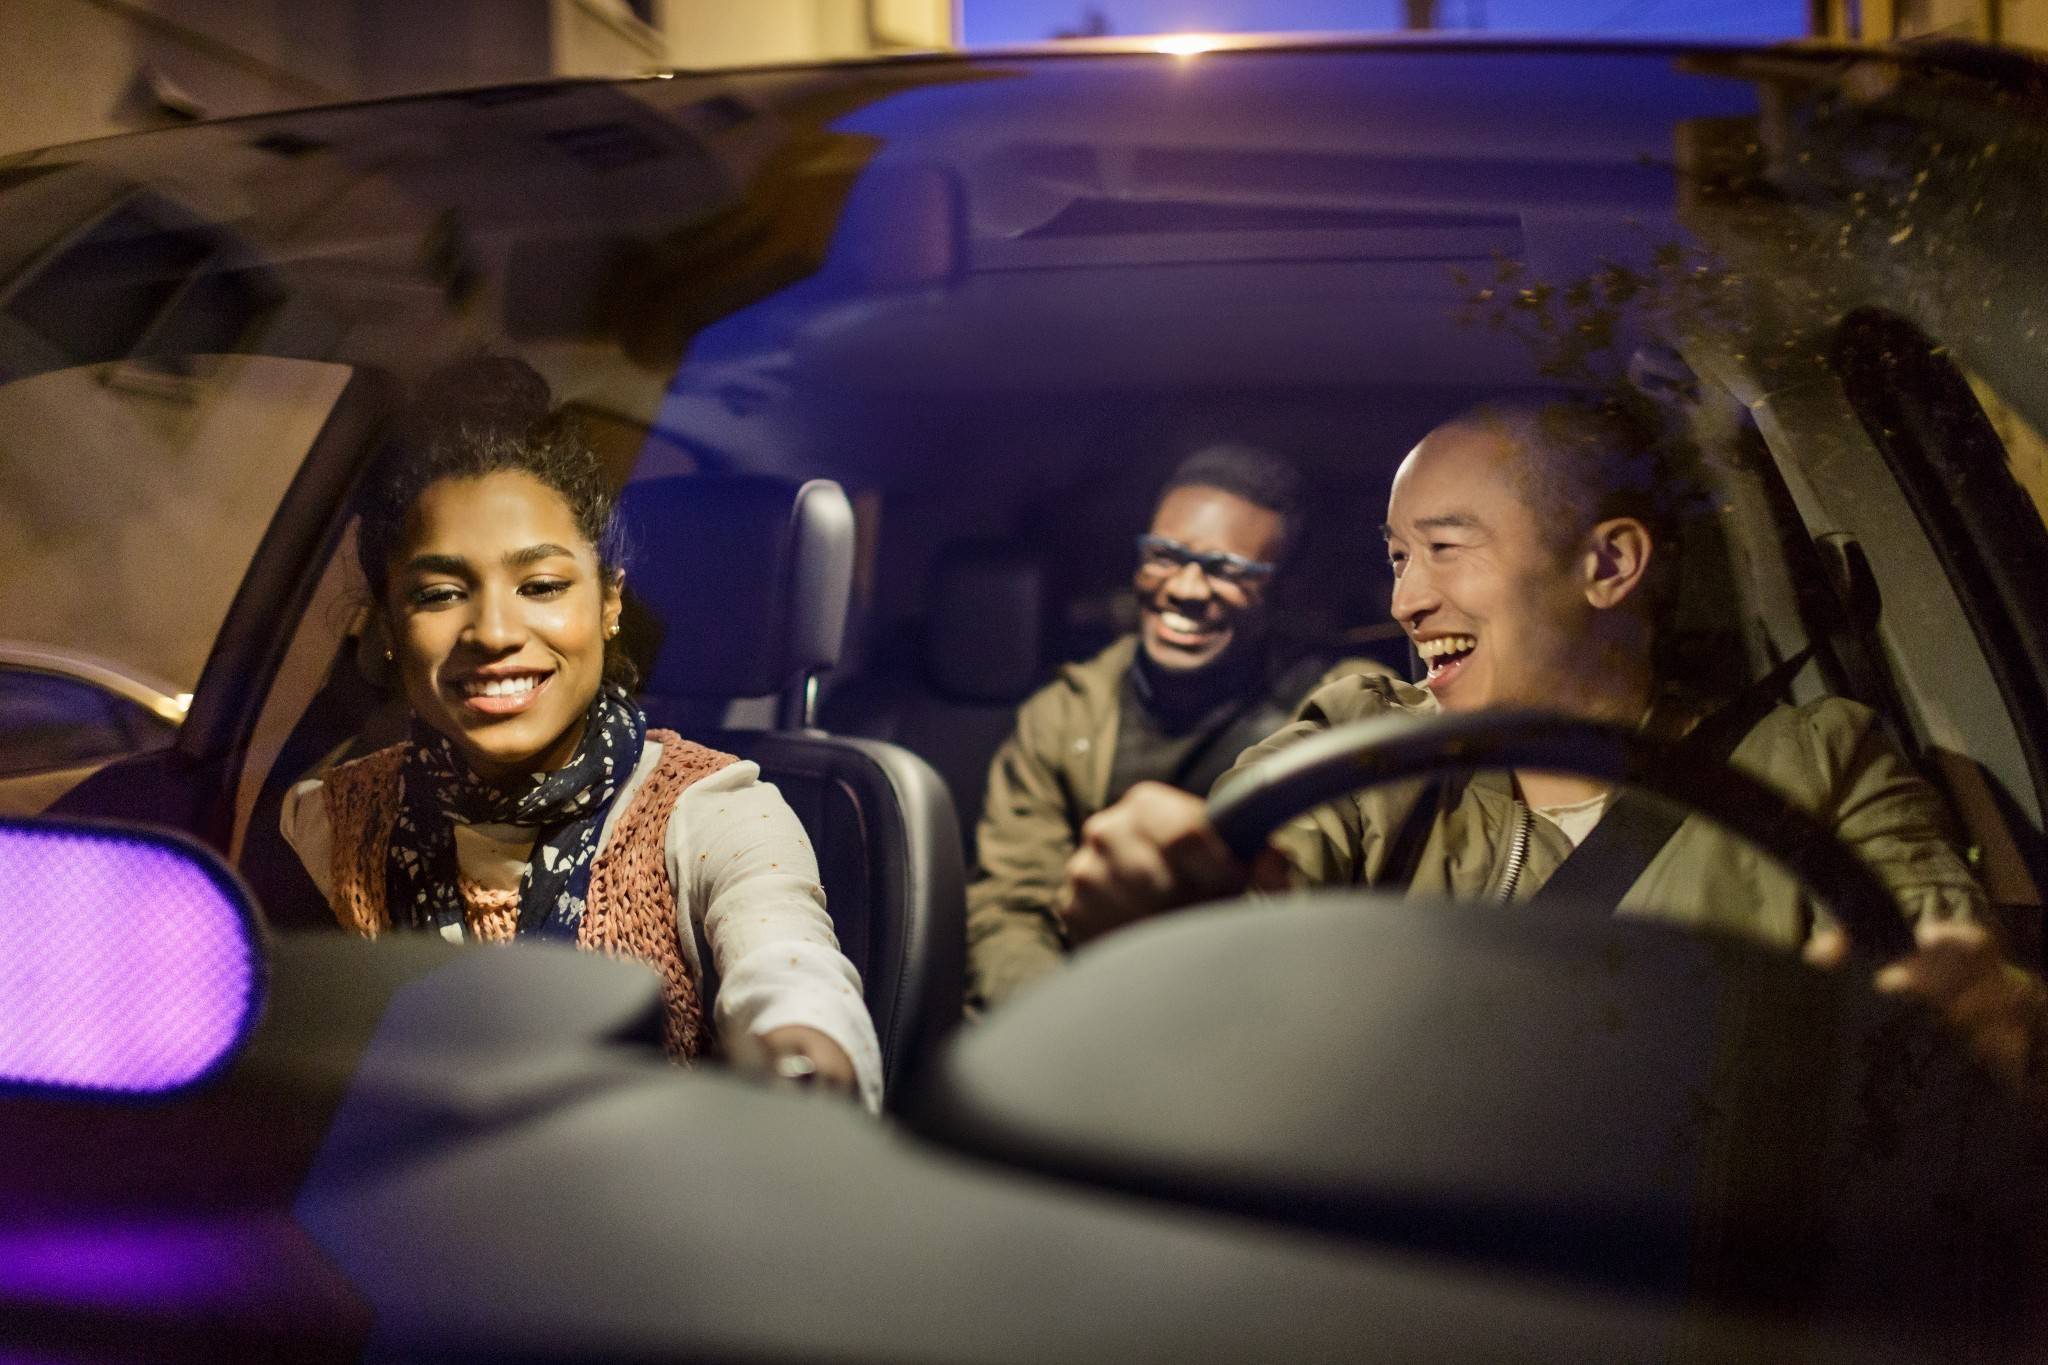 Lyft Wants to Create a Fleet of Driverless Cars That Won't Cut Jobs